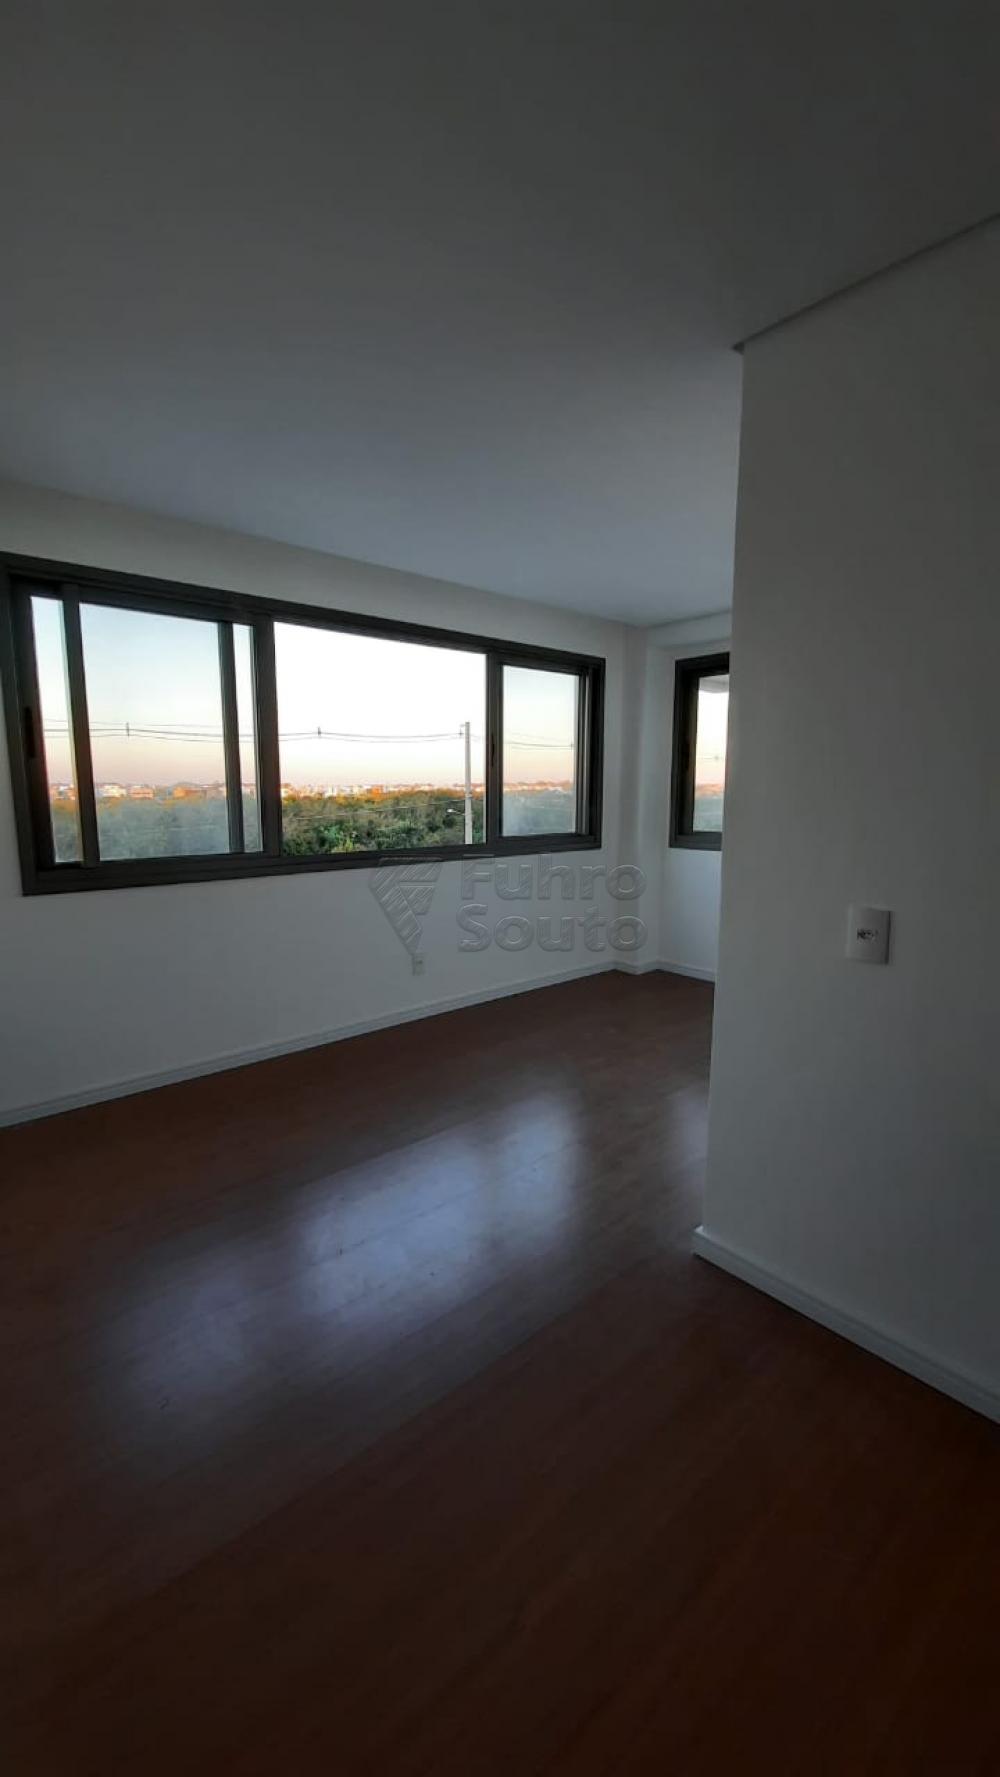 Comprar Apartamento / Padrão em Pelotas R$ 360.000,00 - Foto 17